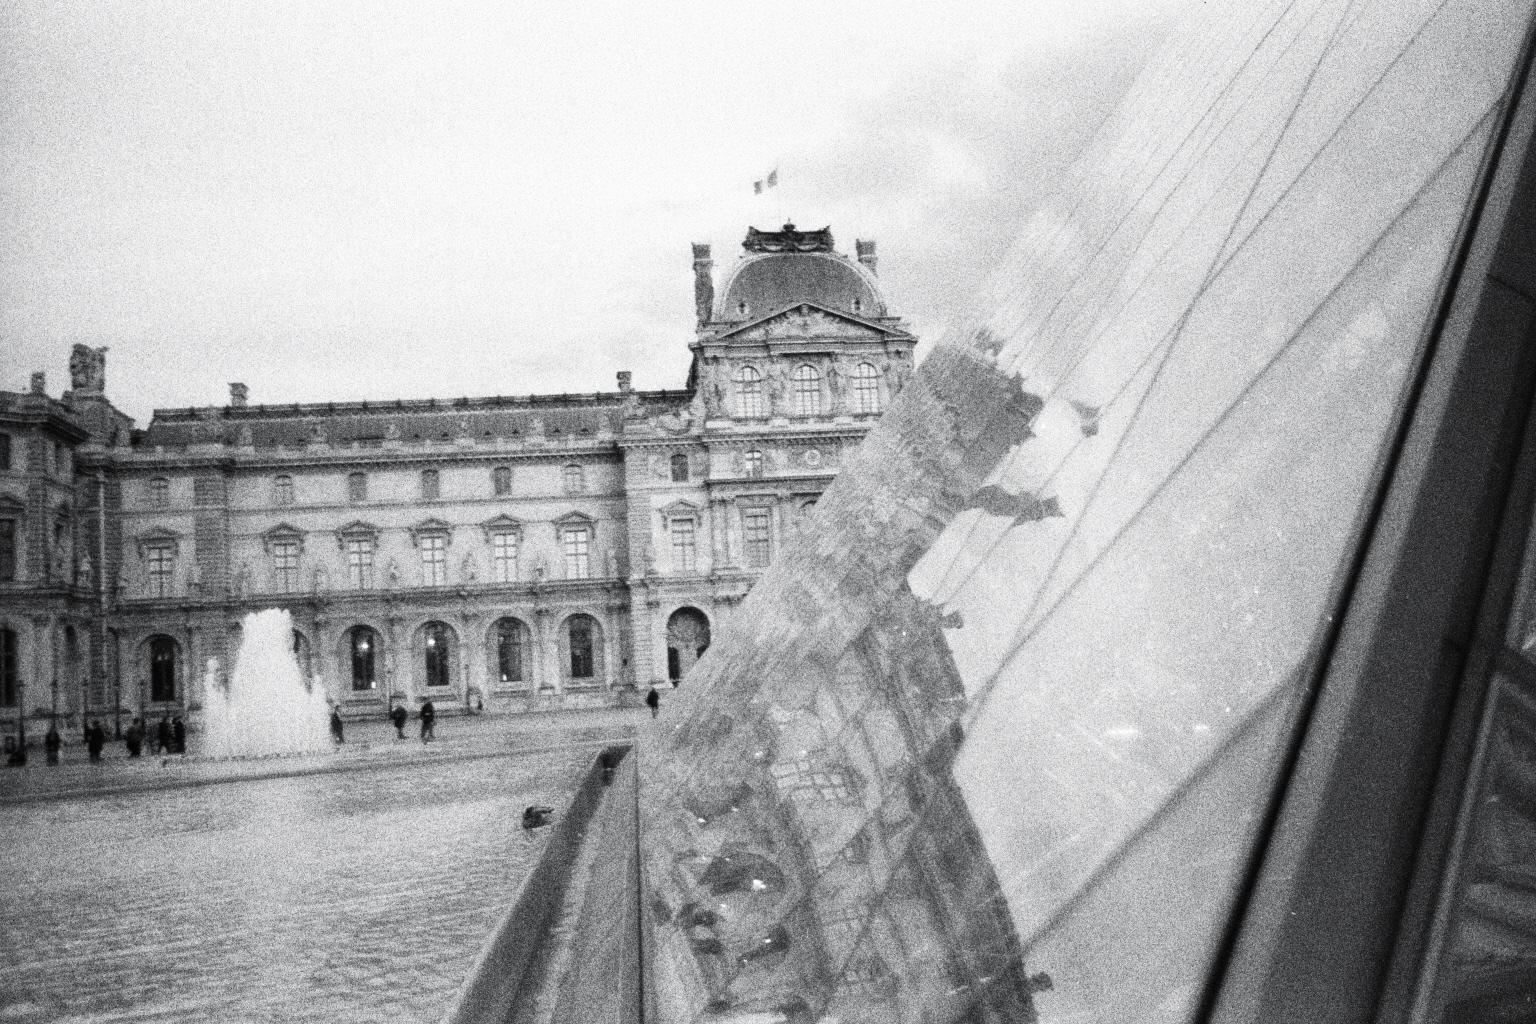 Le musée du Louvre est le musée le plus visité au monde